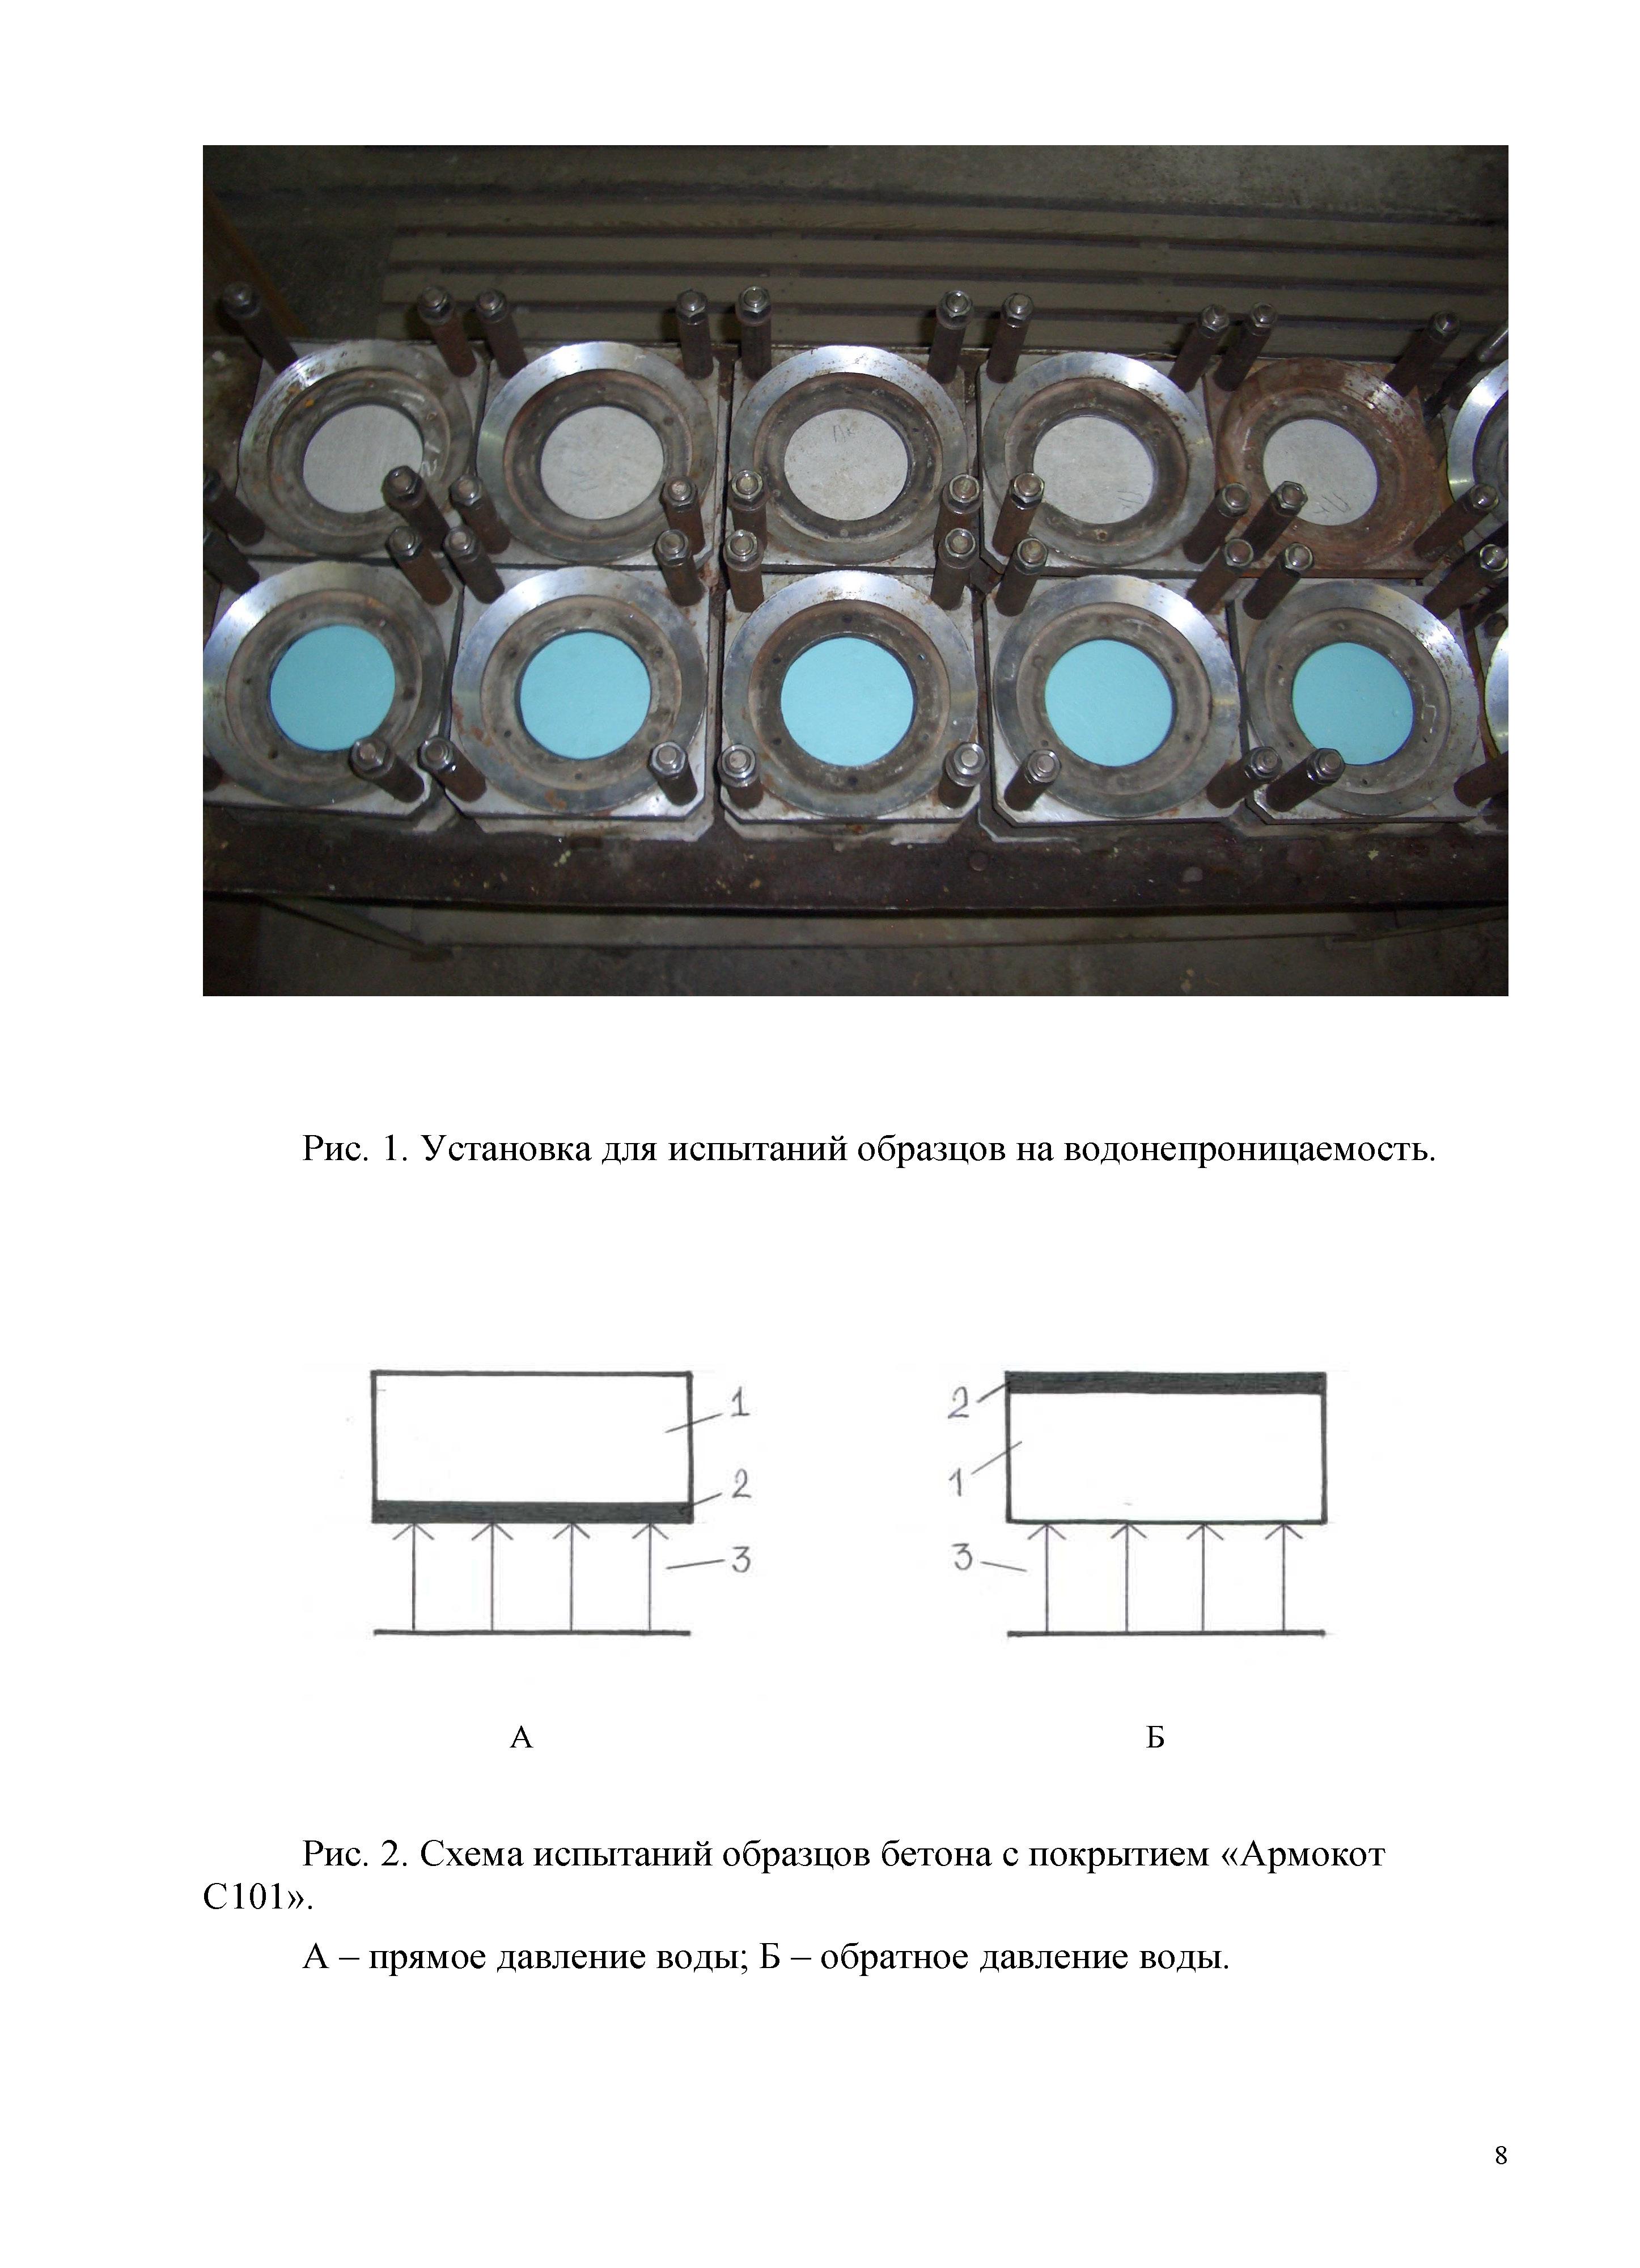 Заключение Морозов-КТБ Армокот С101_Страница_08